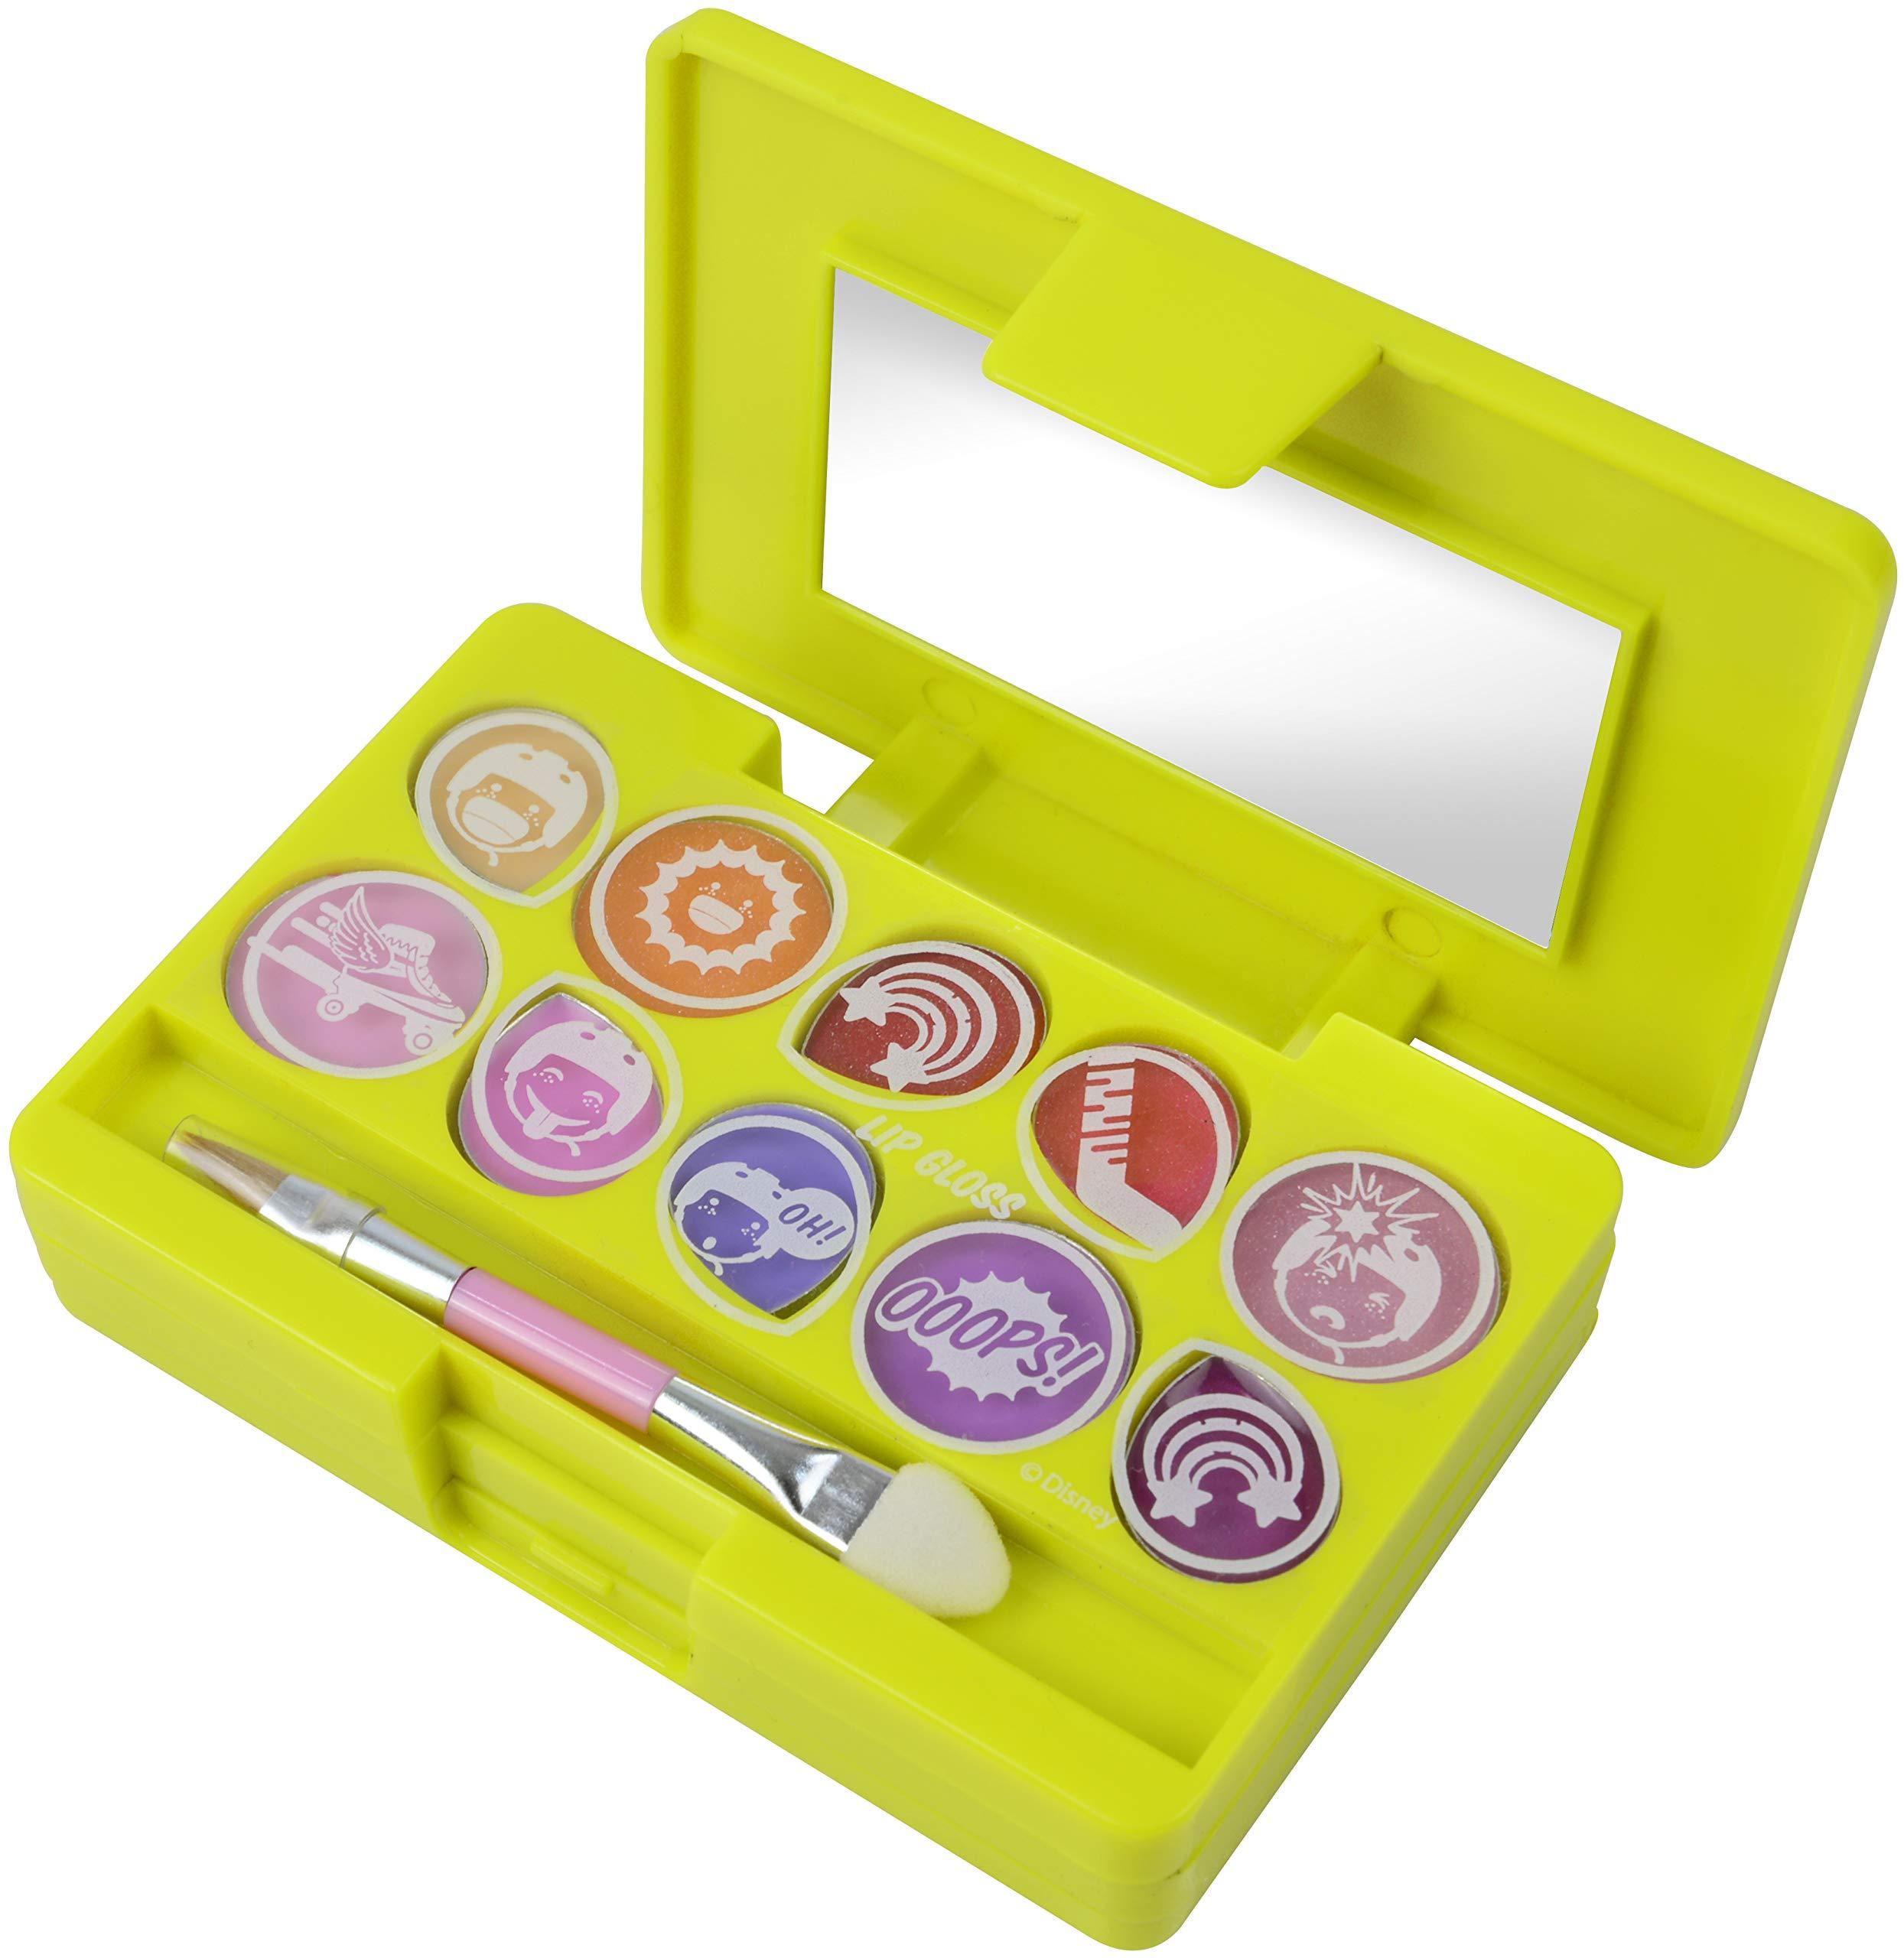 Soy Luna - Oh My Quads, makeup compact (Markwins 9620410): Amazon.es: Juguetes y juegos